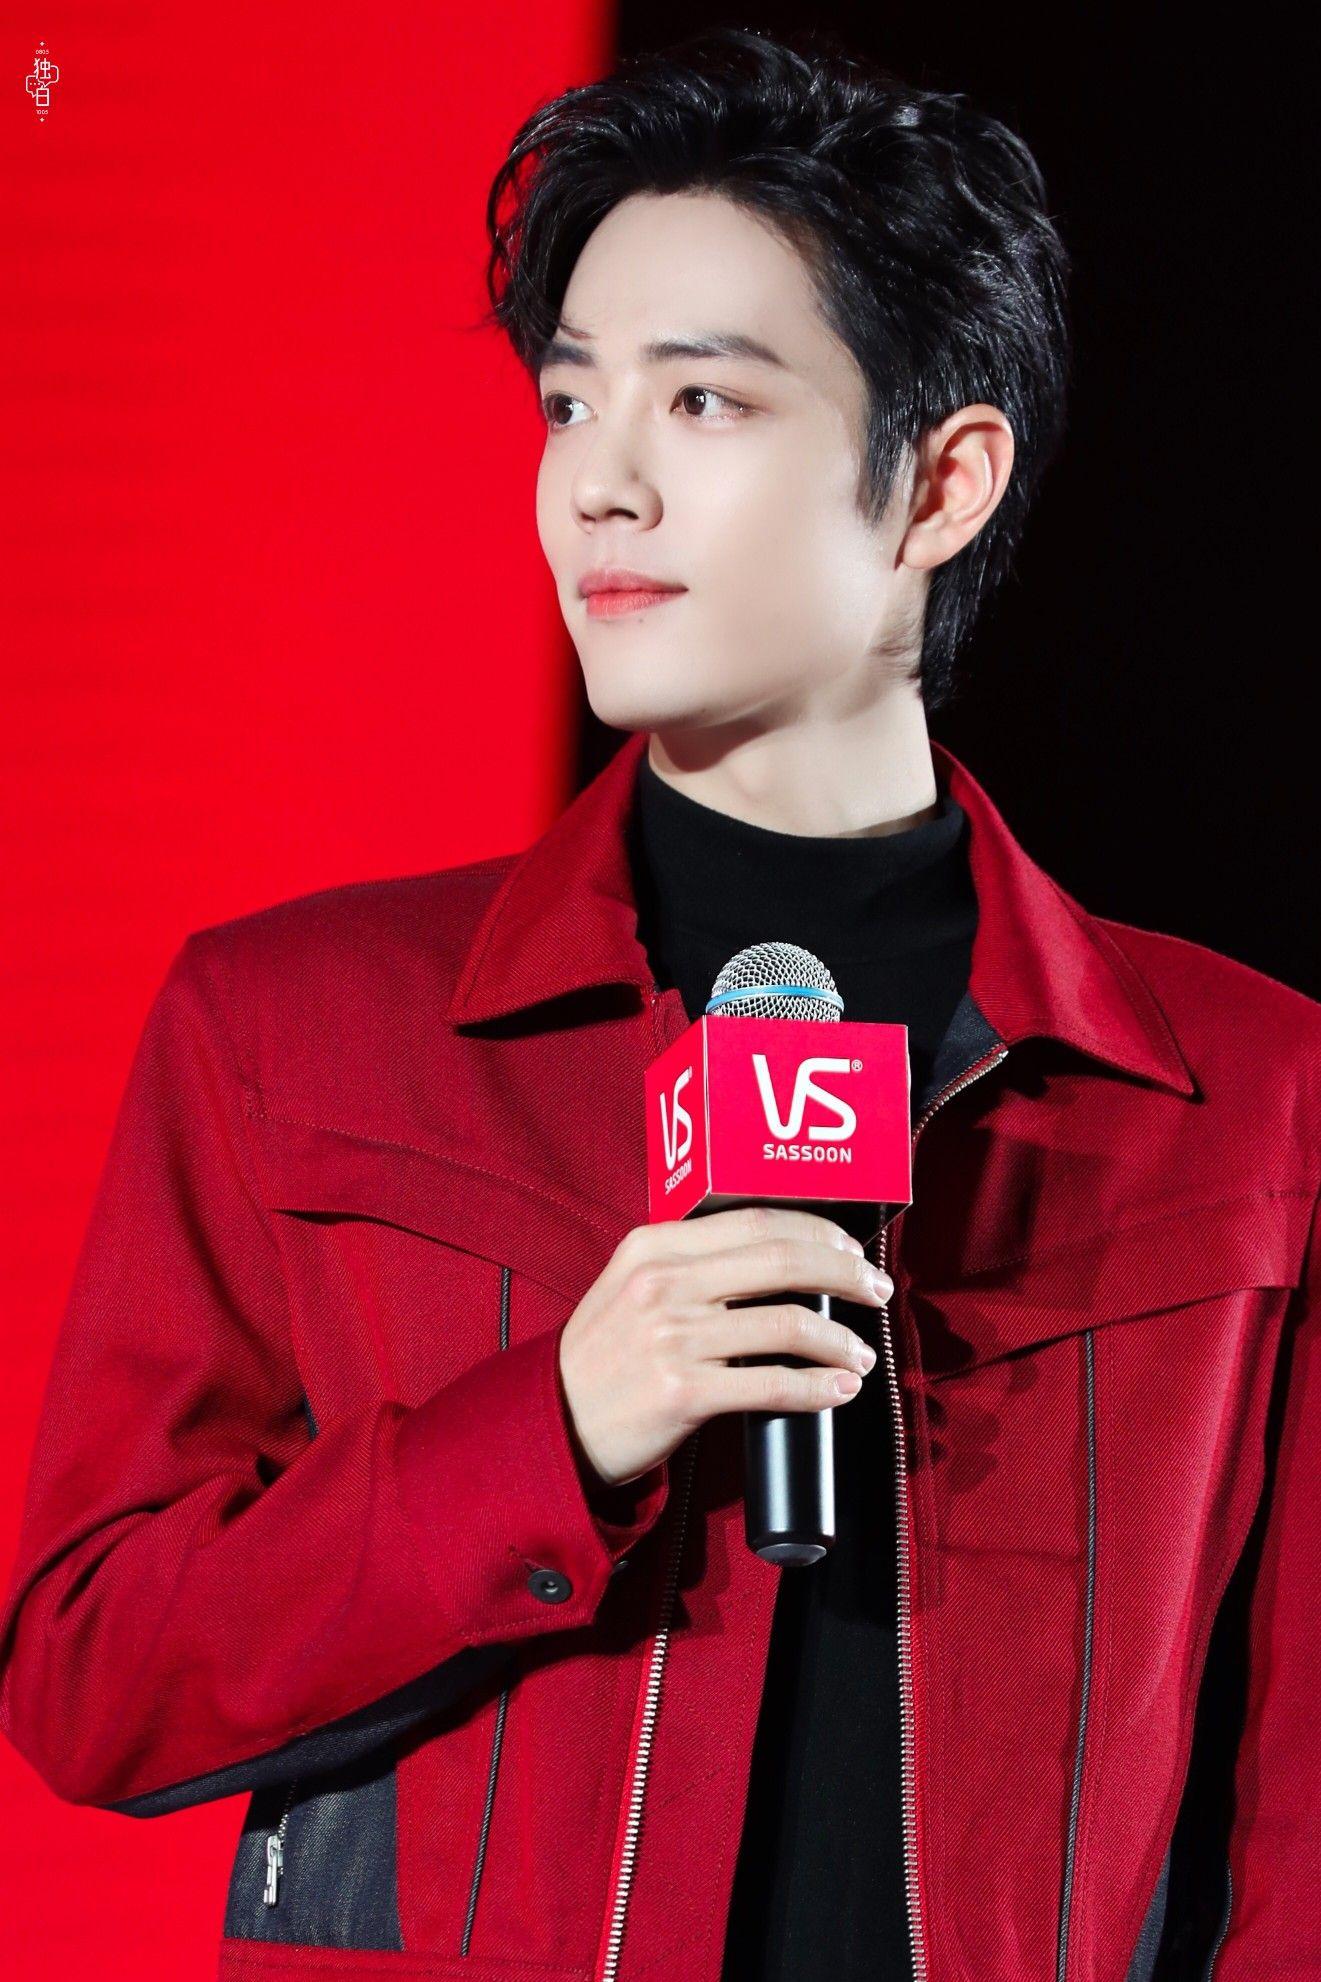 Ghim của Xiao Zhan can Fly trên ↬『《肖战》XIAO ZHAN XNINE